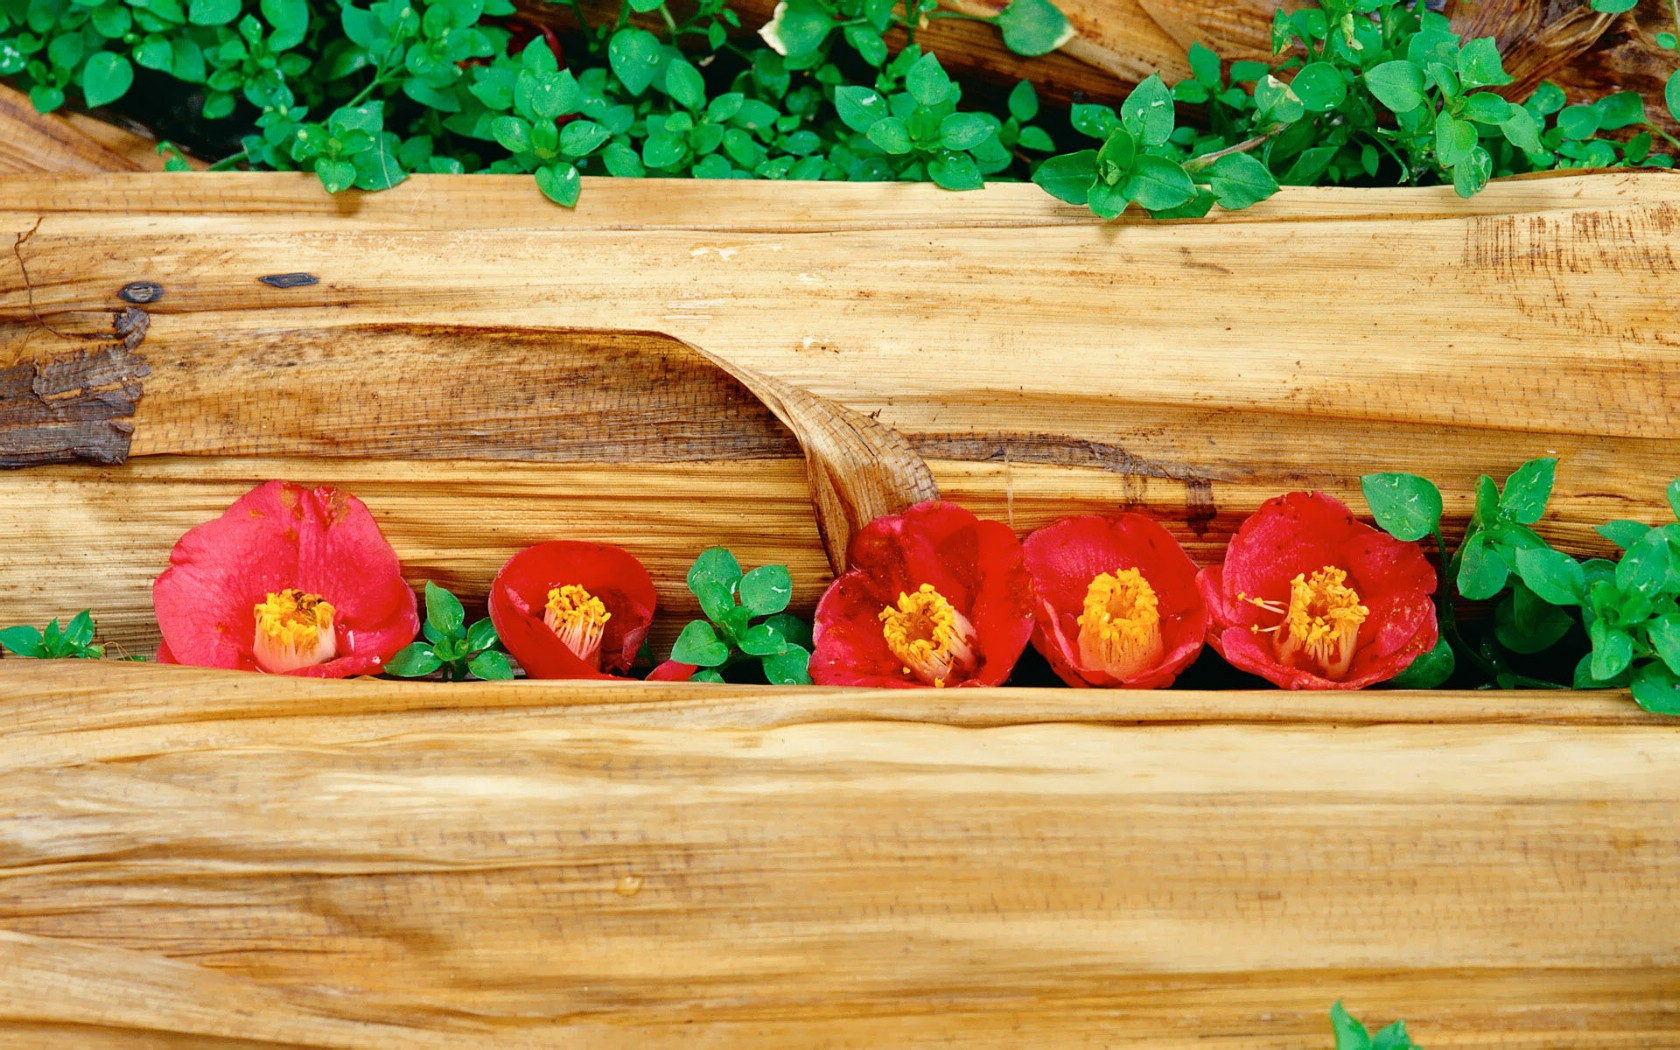 壁纸1680×10506种尺寸 韩国花卉摄影壁纸 Professional flower photography壁纸 韩国花卉摄影集壁纸图片花卉壁纸花卉图片素材桌面壁纸